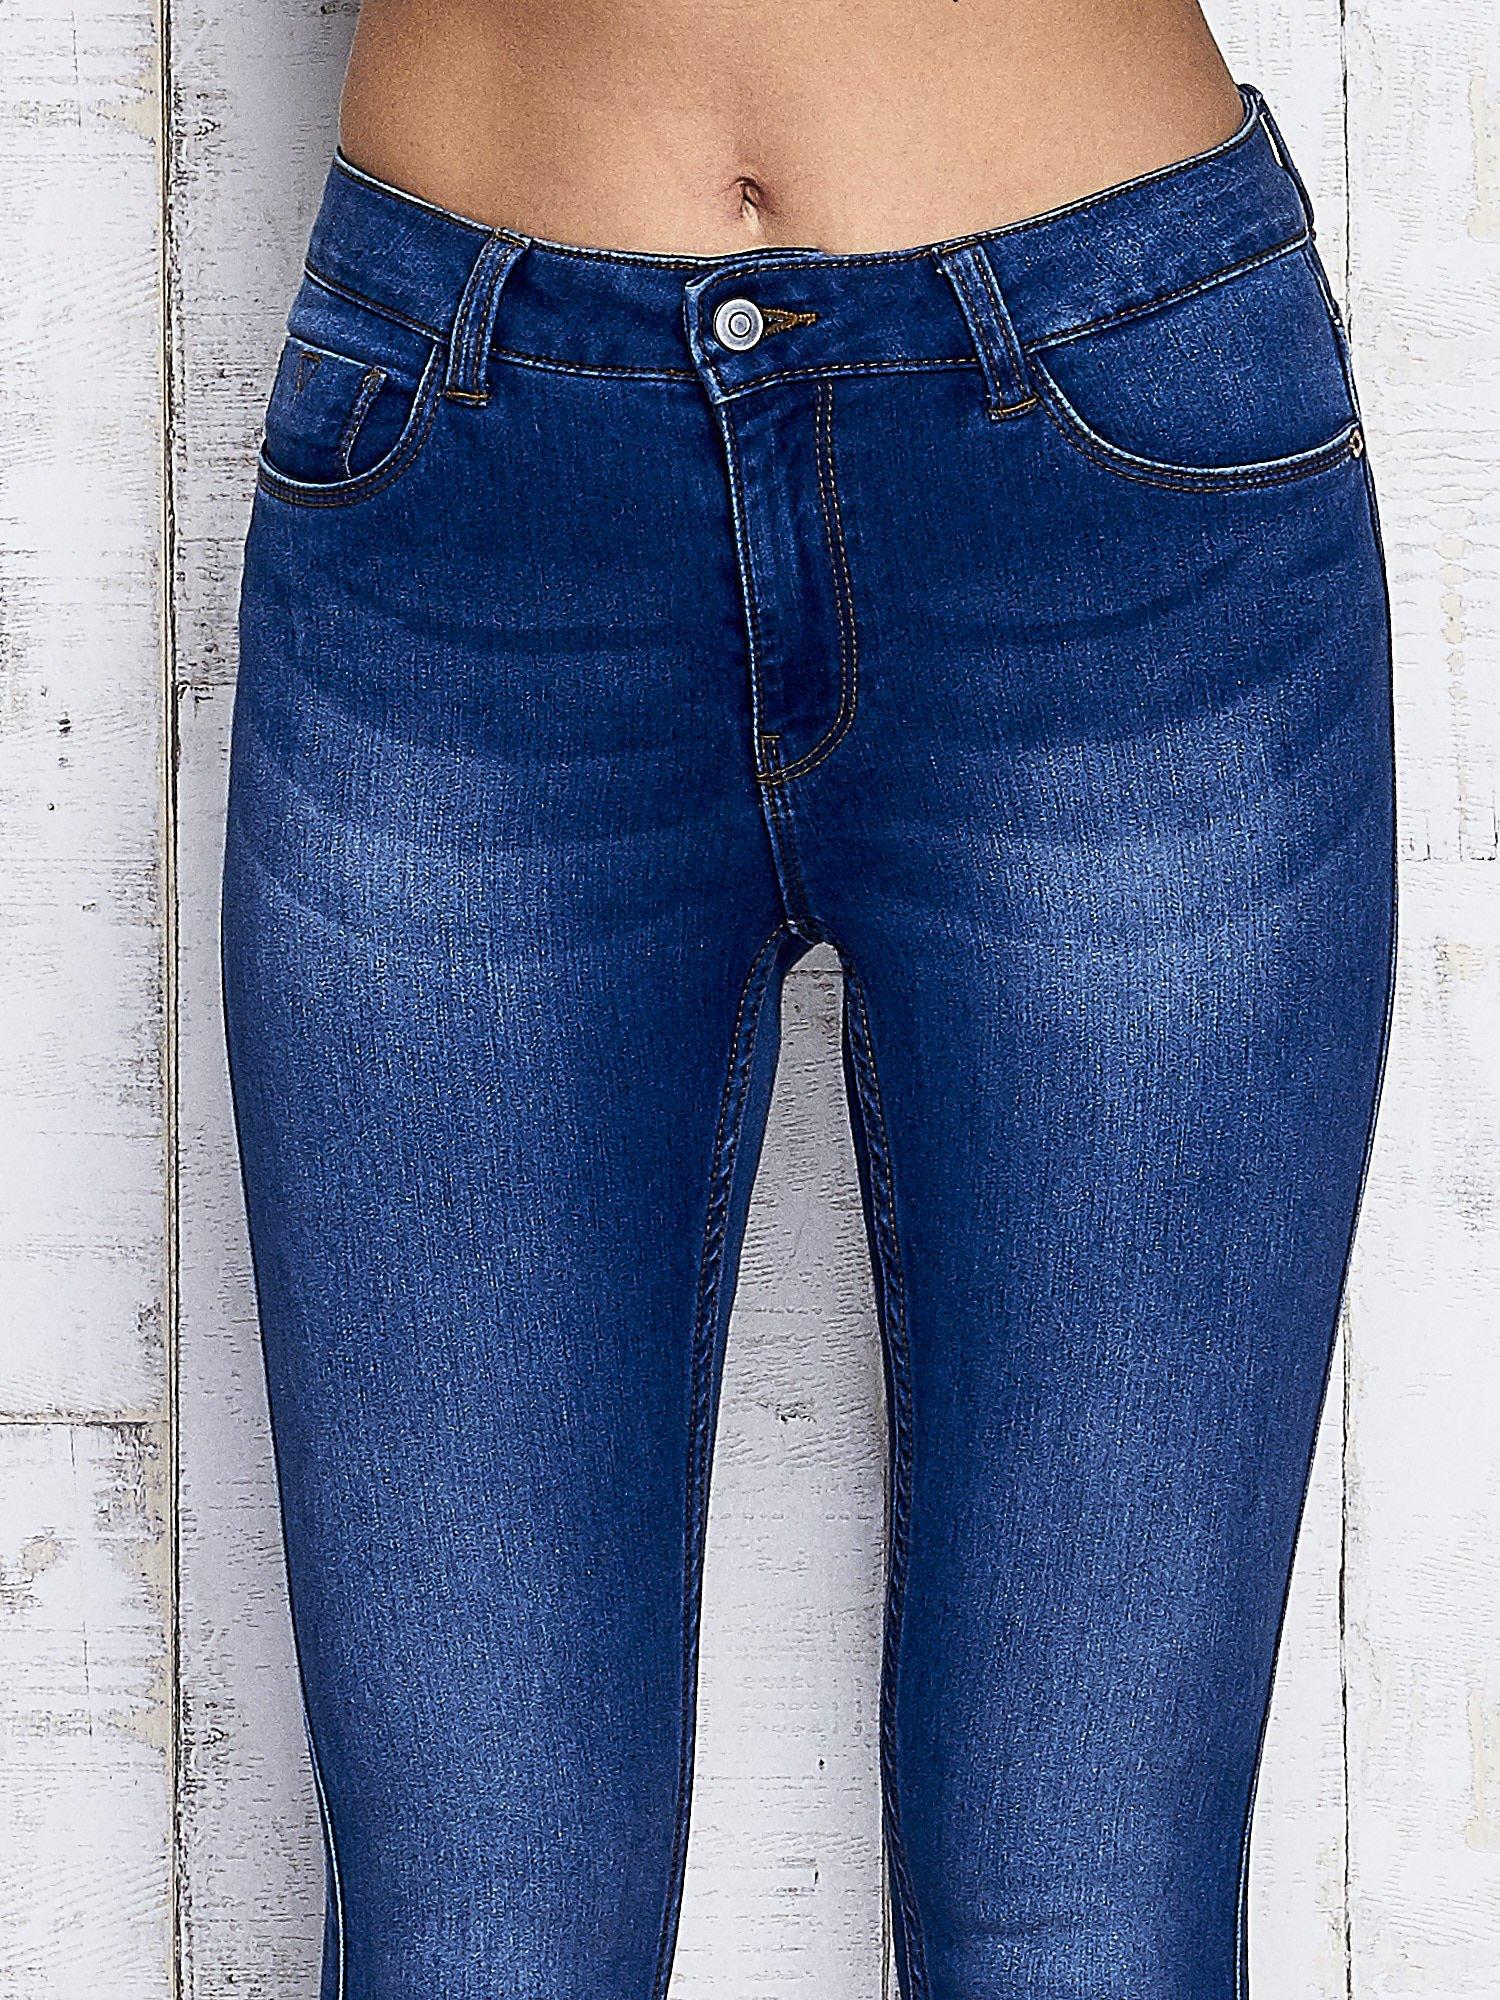 Niebieskie przecierane spodnie jeansowe                                   zdj.                                  4